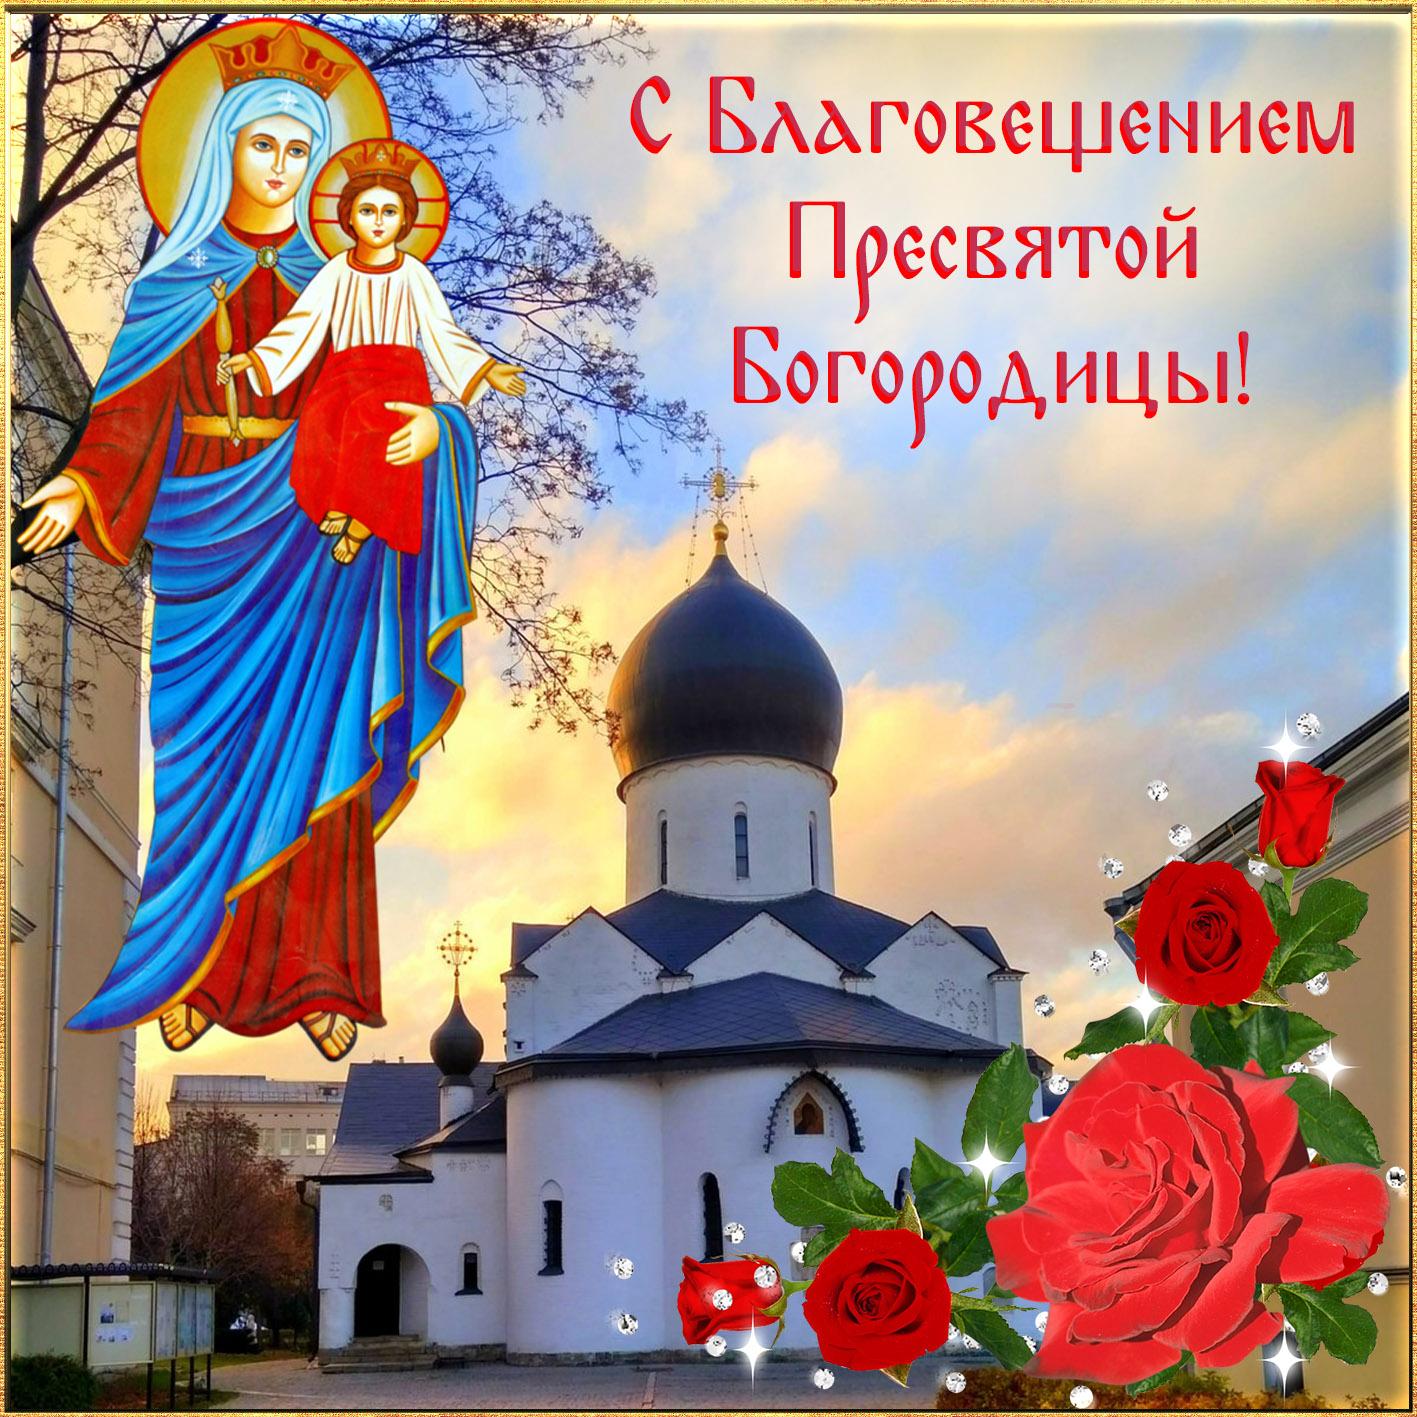 Благовещение пресвятой богородице картинки